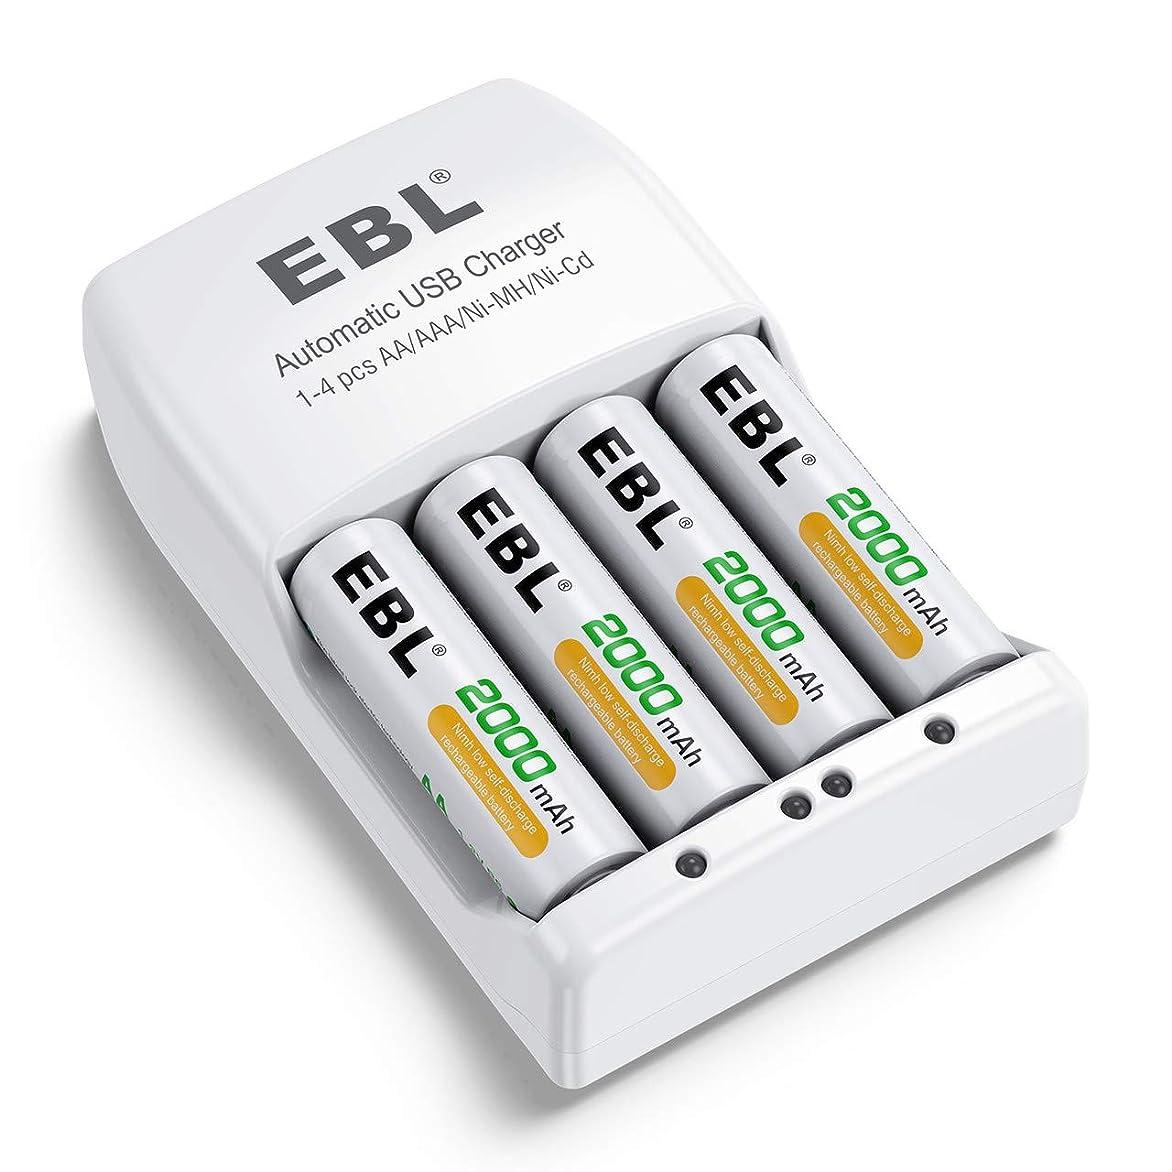 ヘッジ説得力のある肥沃なEBL 単三充電池充電器セット 4スロット充電器+単三2000mAh充電池 単三単四ニッケル水素充電池に対応 充電式電池?充電器パック